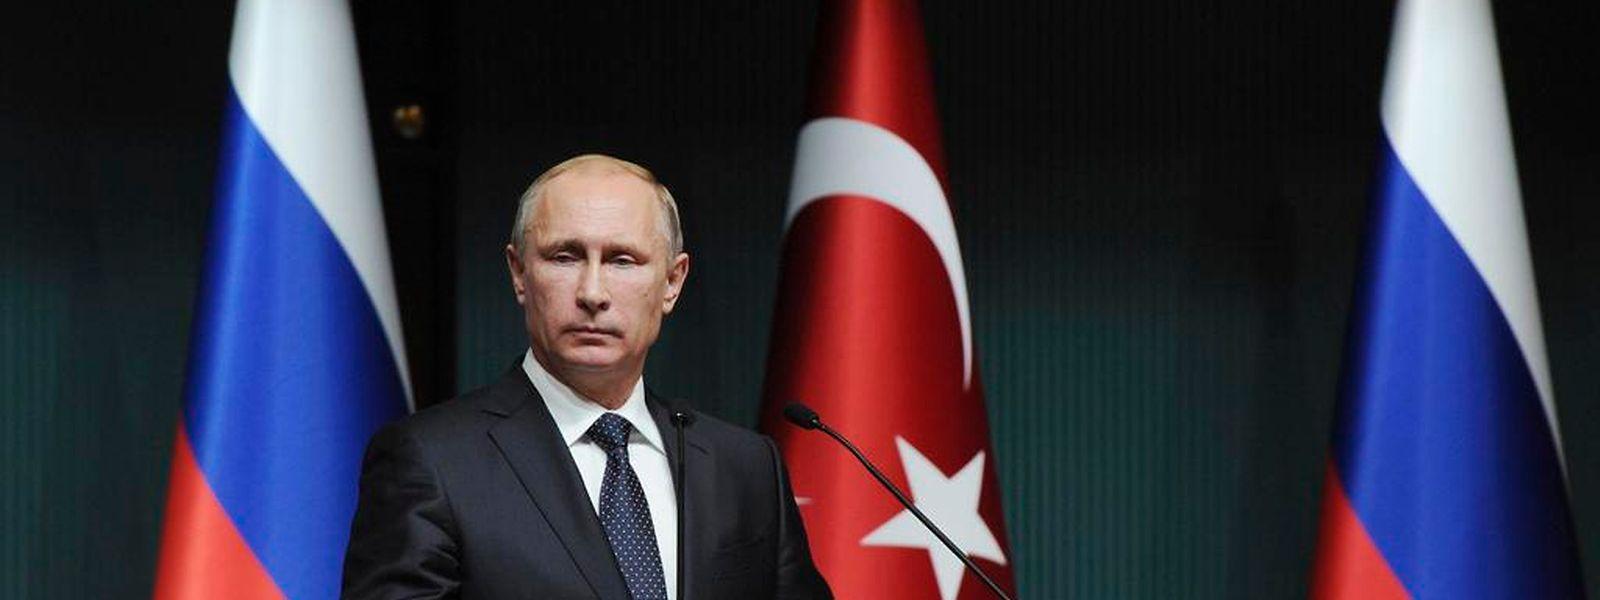 Wladimir Putin will das Prestigeprojekt South Stream nun doch nicht mehr bauen.